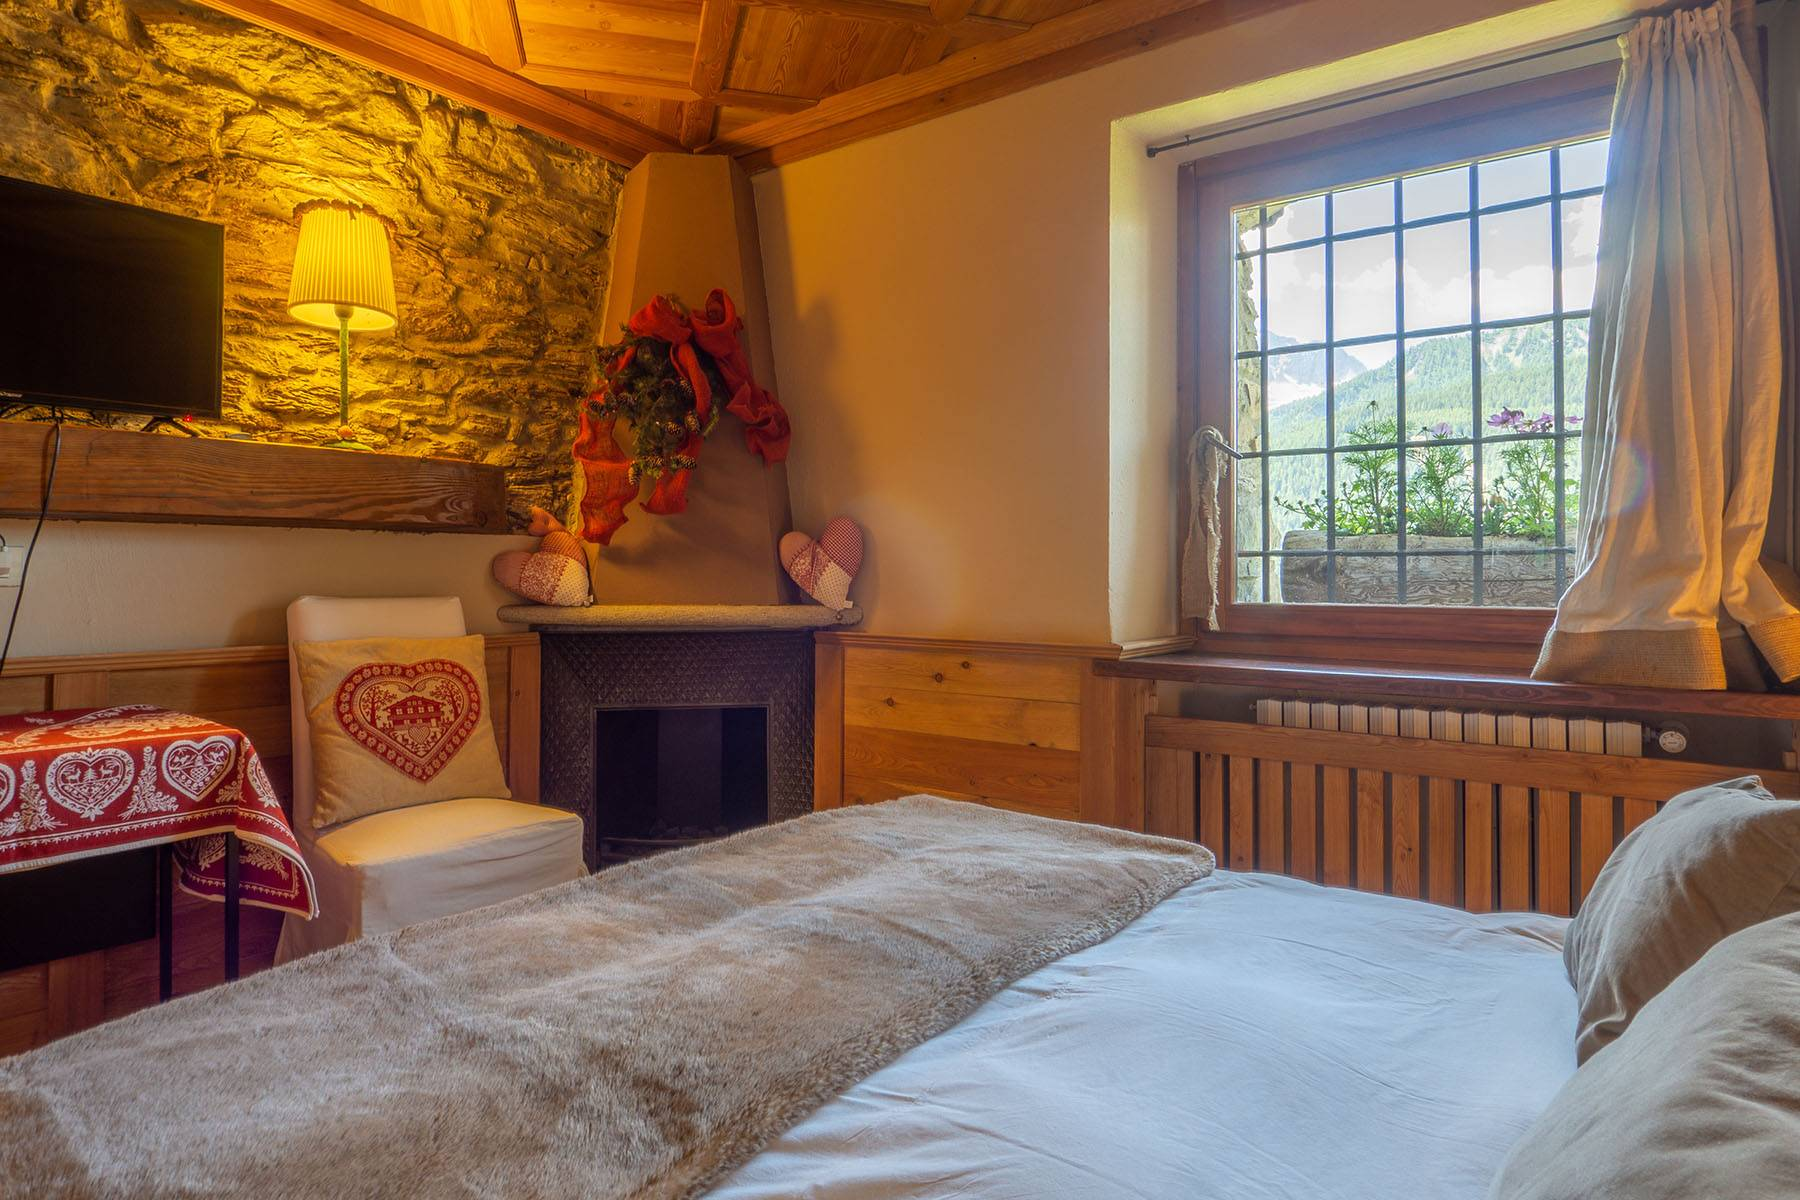 Appartamento in Vendita a Bardonecchia: 5 locali, 156 mq - Foto 5